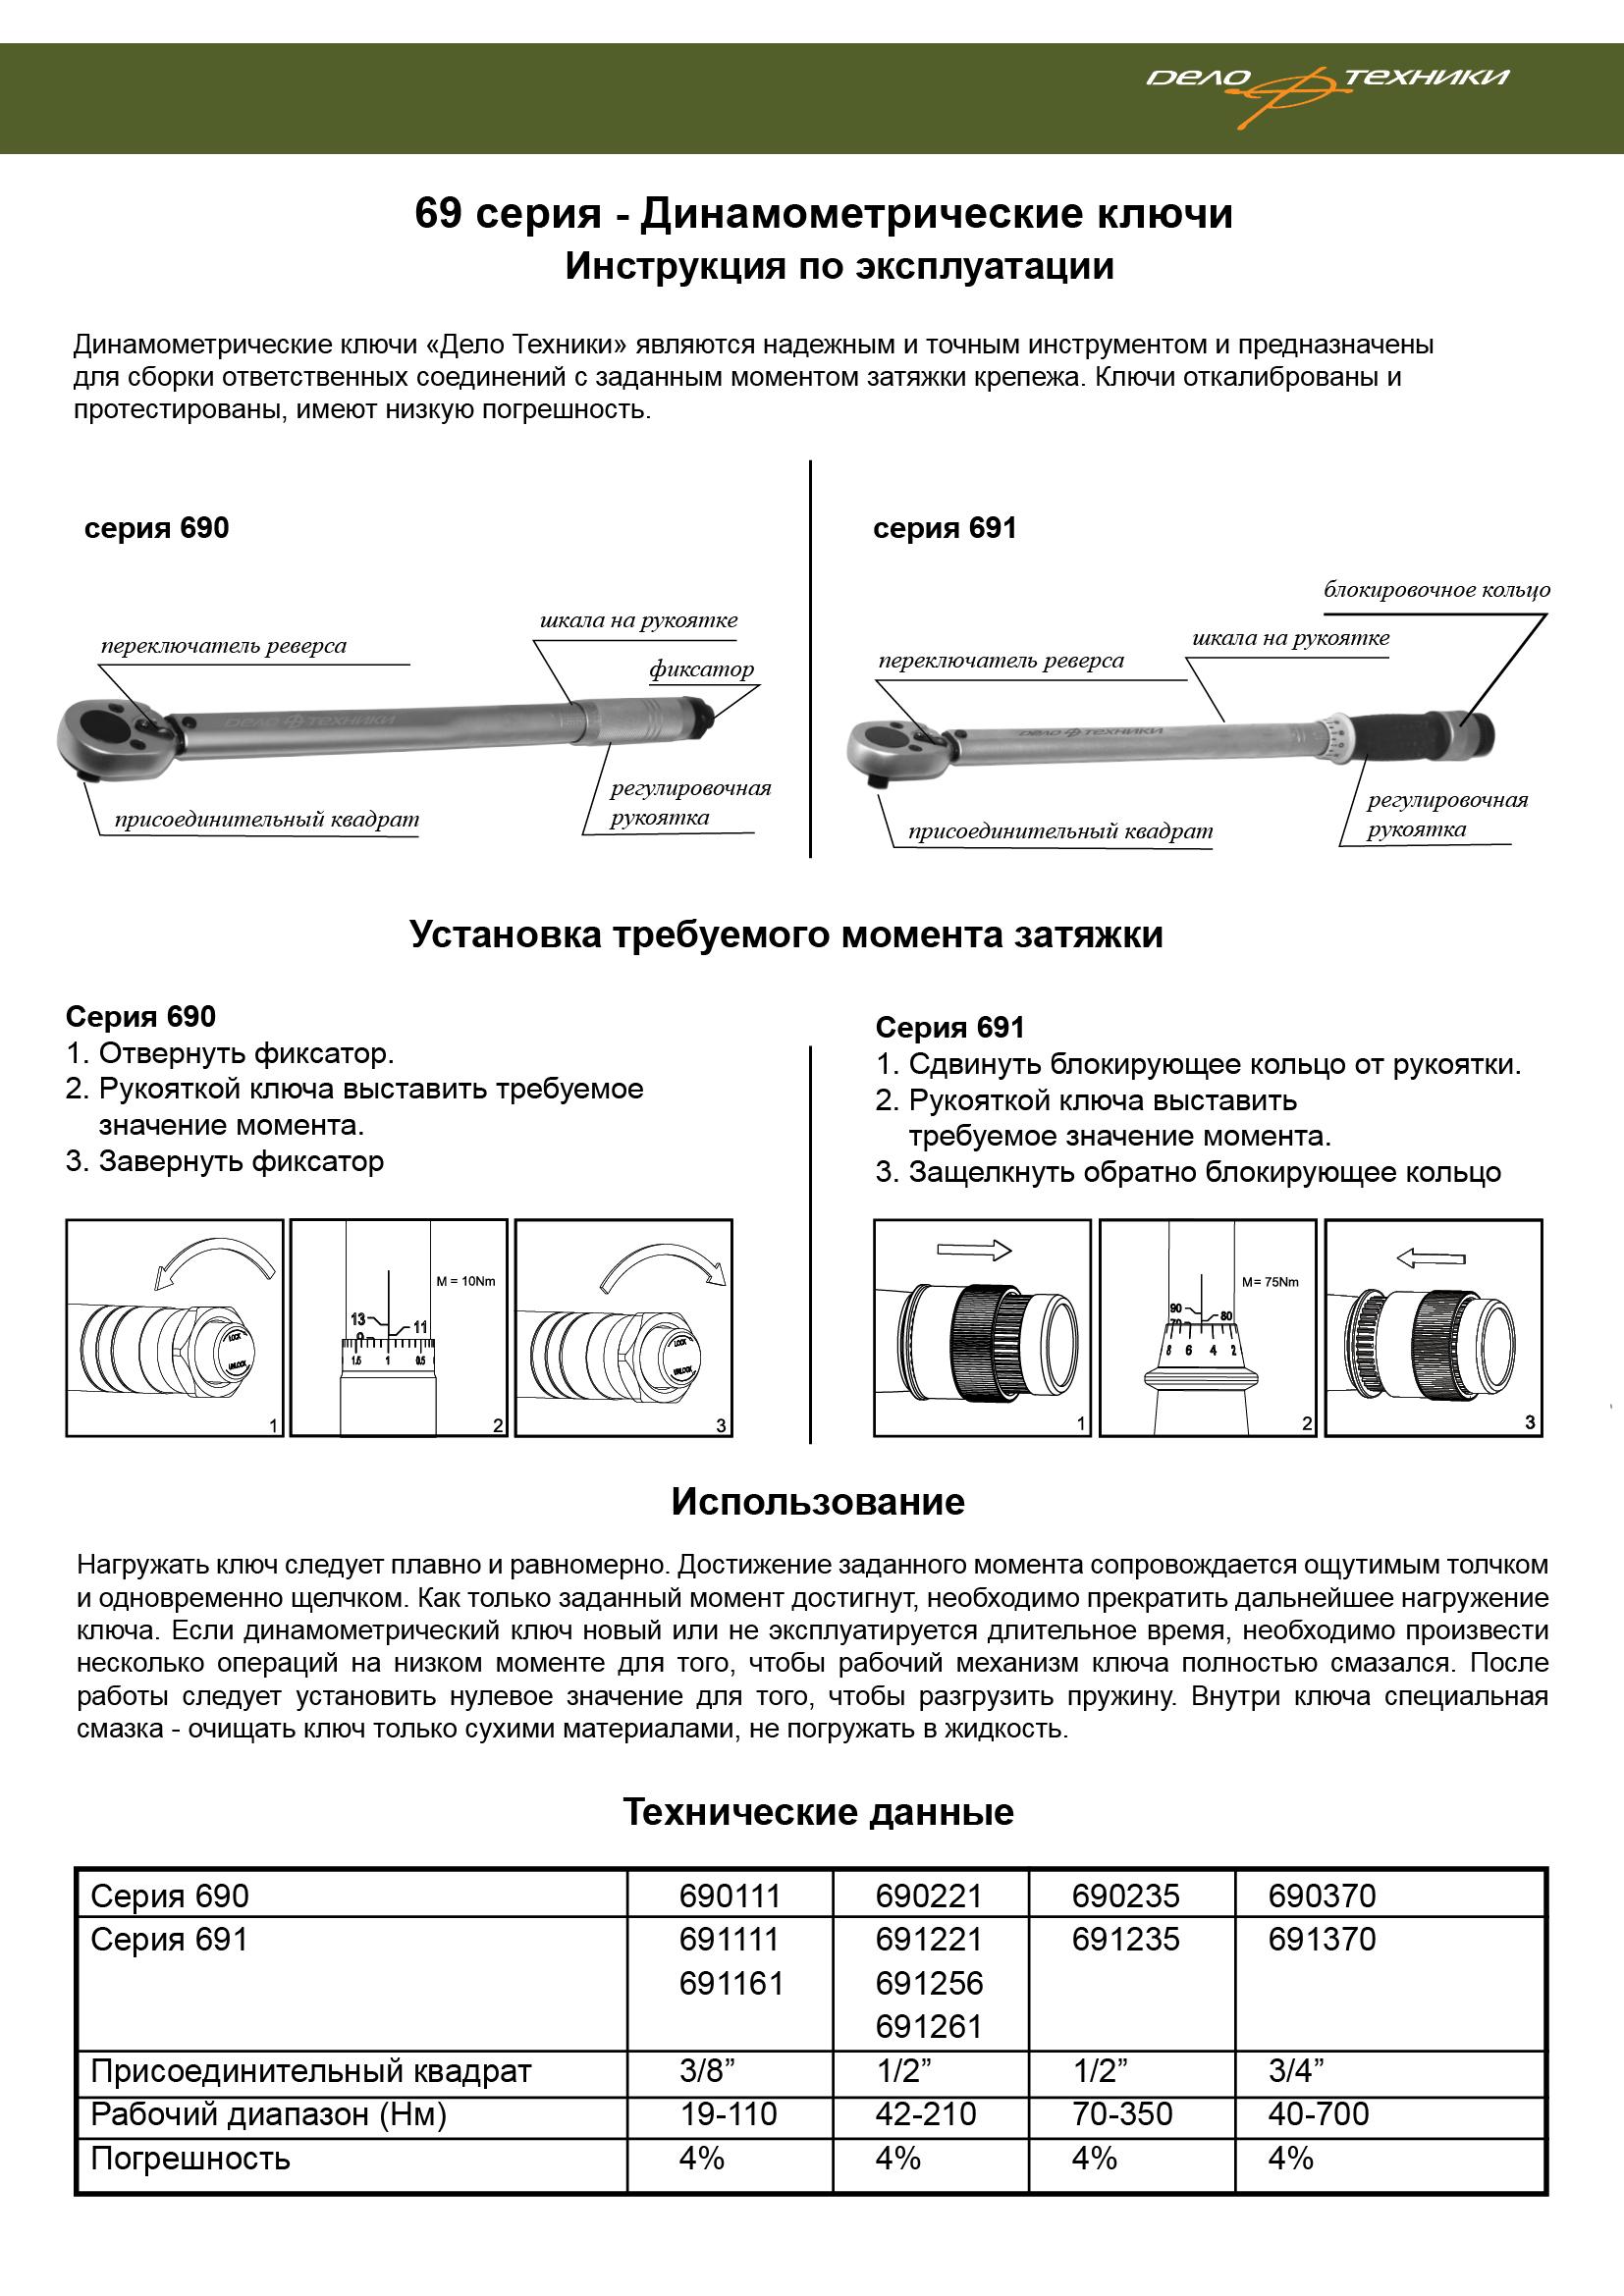 Инструкцию по эксплуатации динамометрического ключа